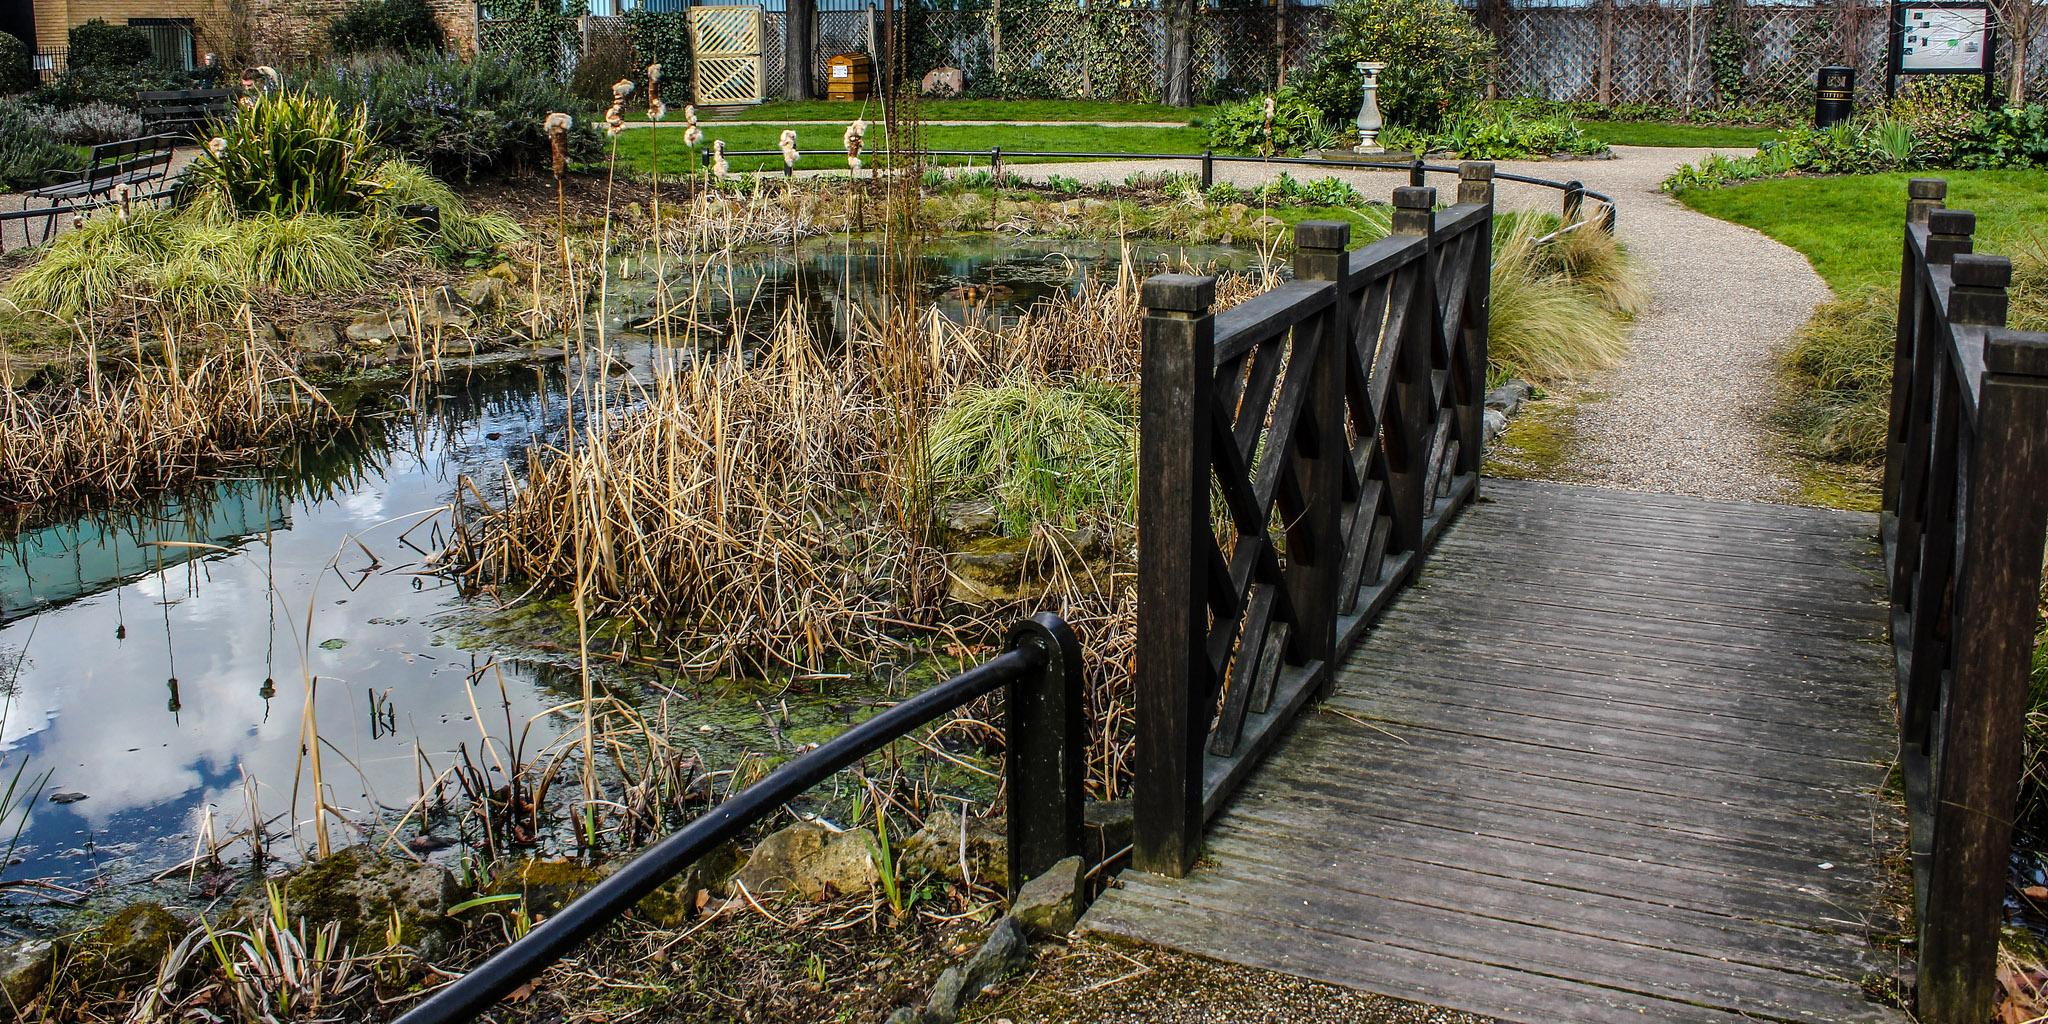 El red cross garden de southwark un jard n especial - Hostal el jardin benidorm ...